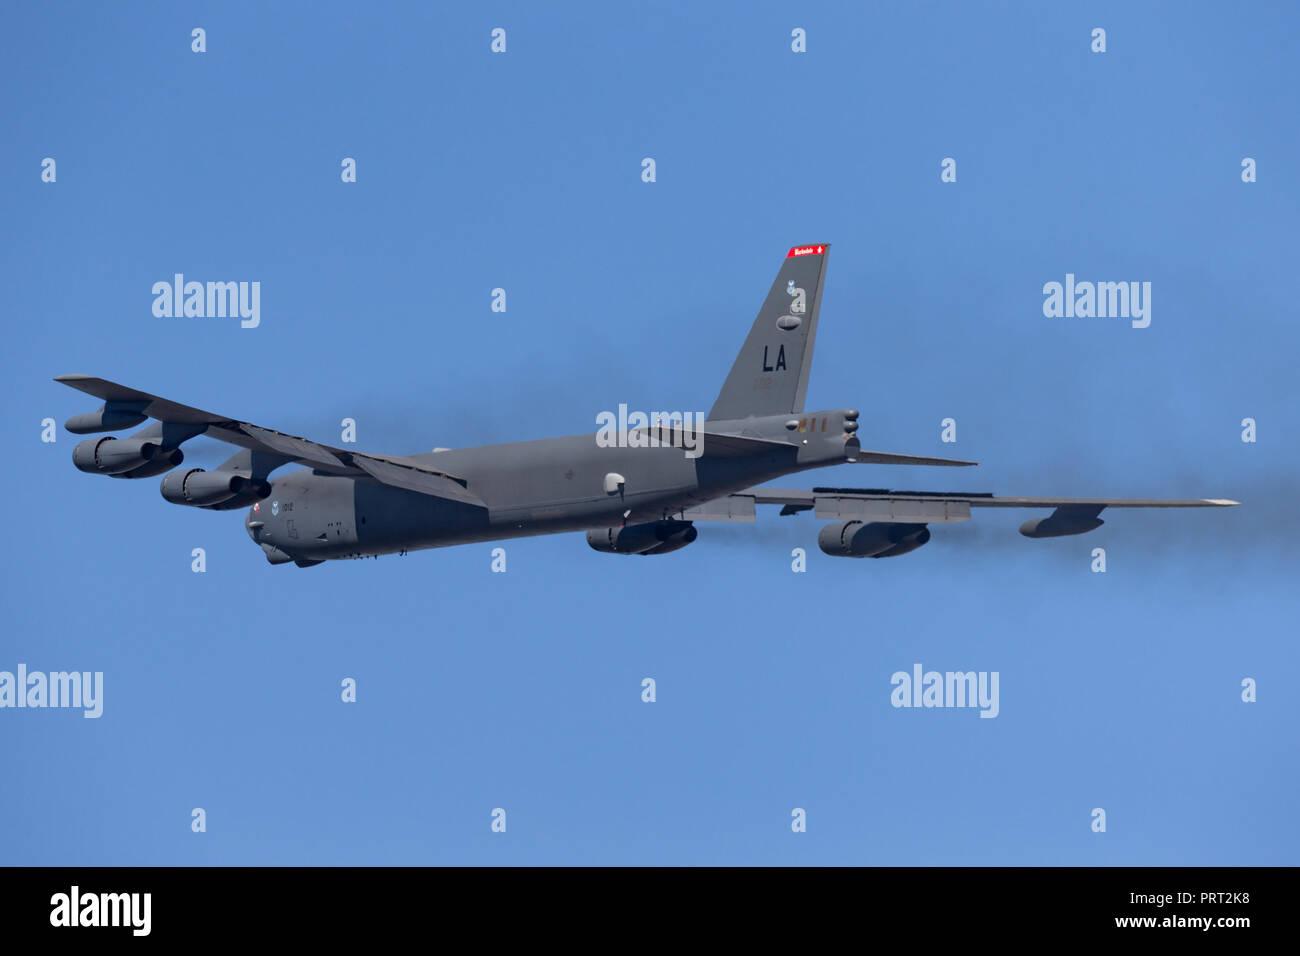 United States Air Force (USAF) Boeing B-52H Stratofortress bombardier stratégique (61-0012) à partir de la Base aérienne de Barksdale. Banque D'Images